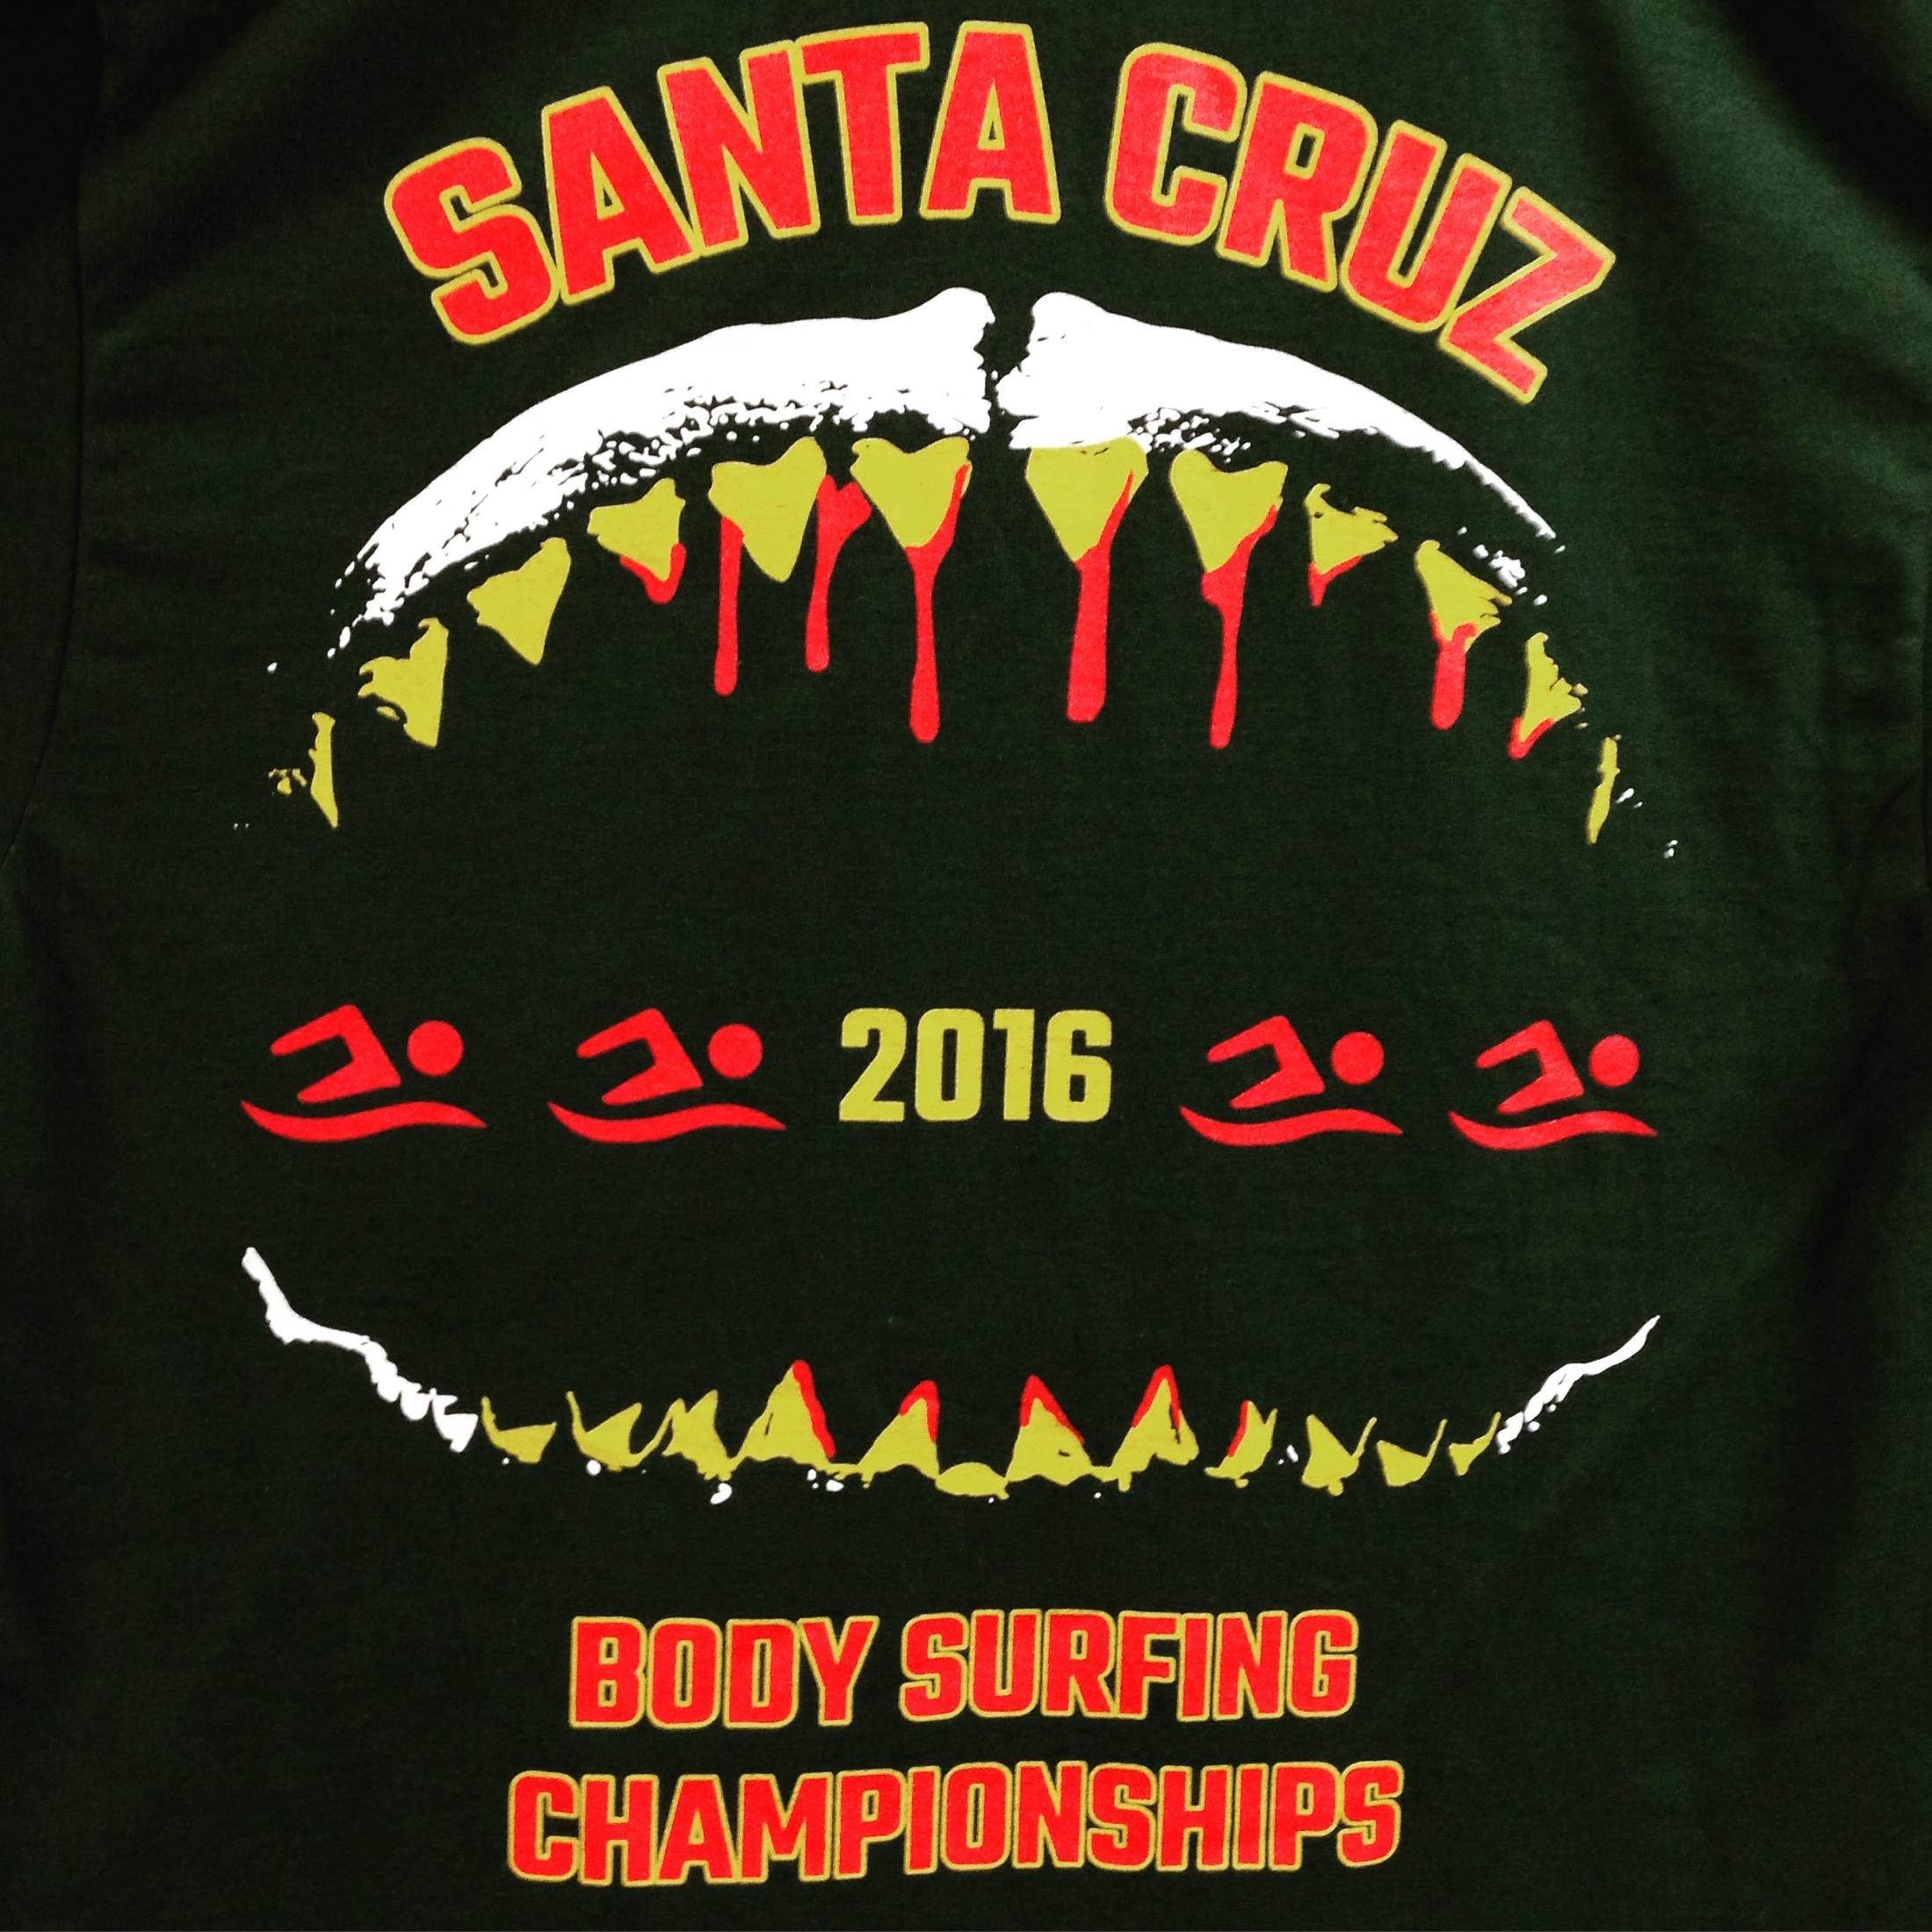 Santa Cruz Bodysurfing Assoc.